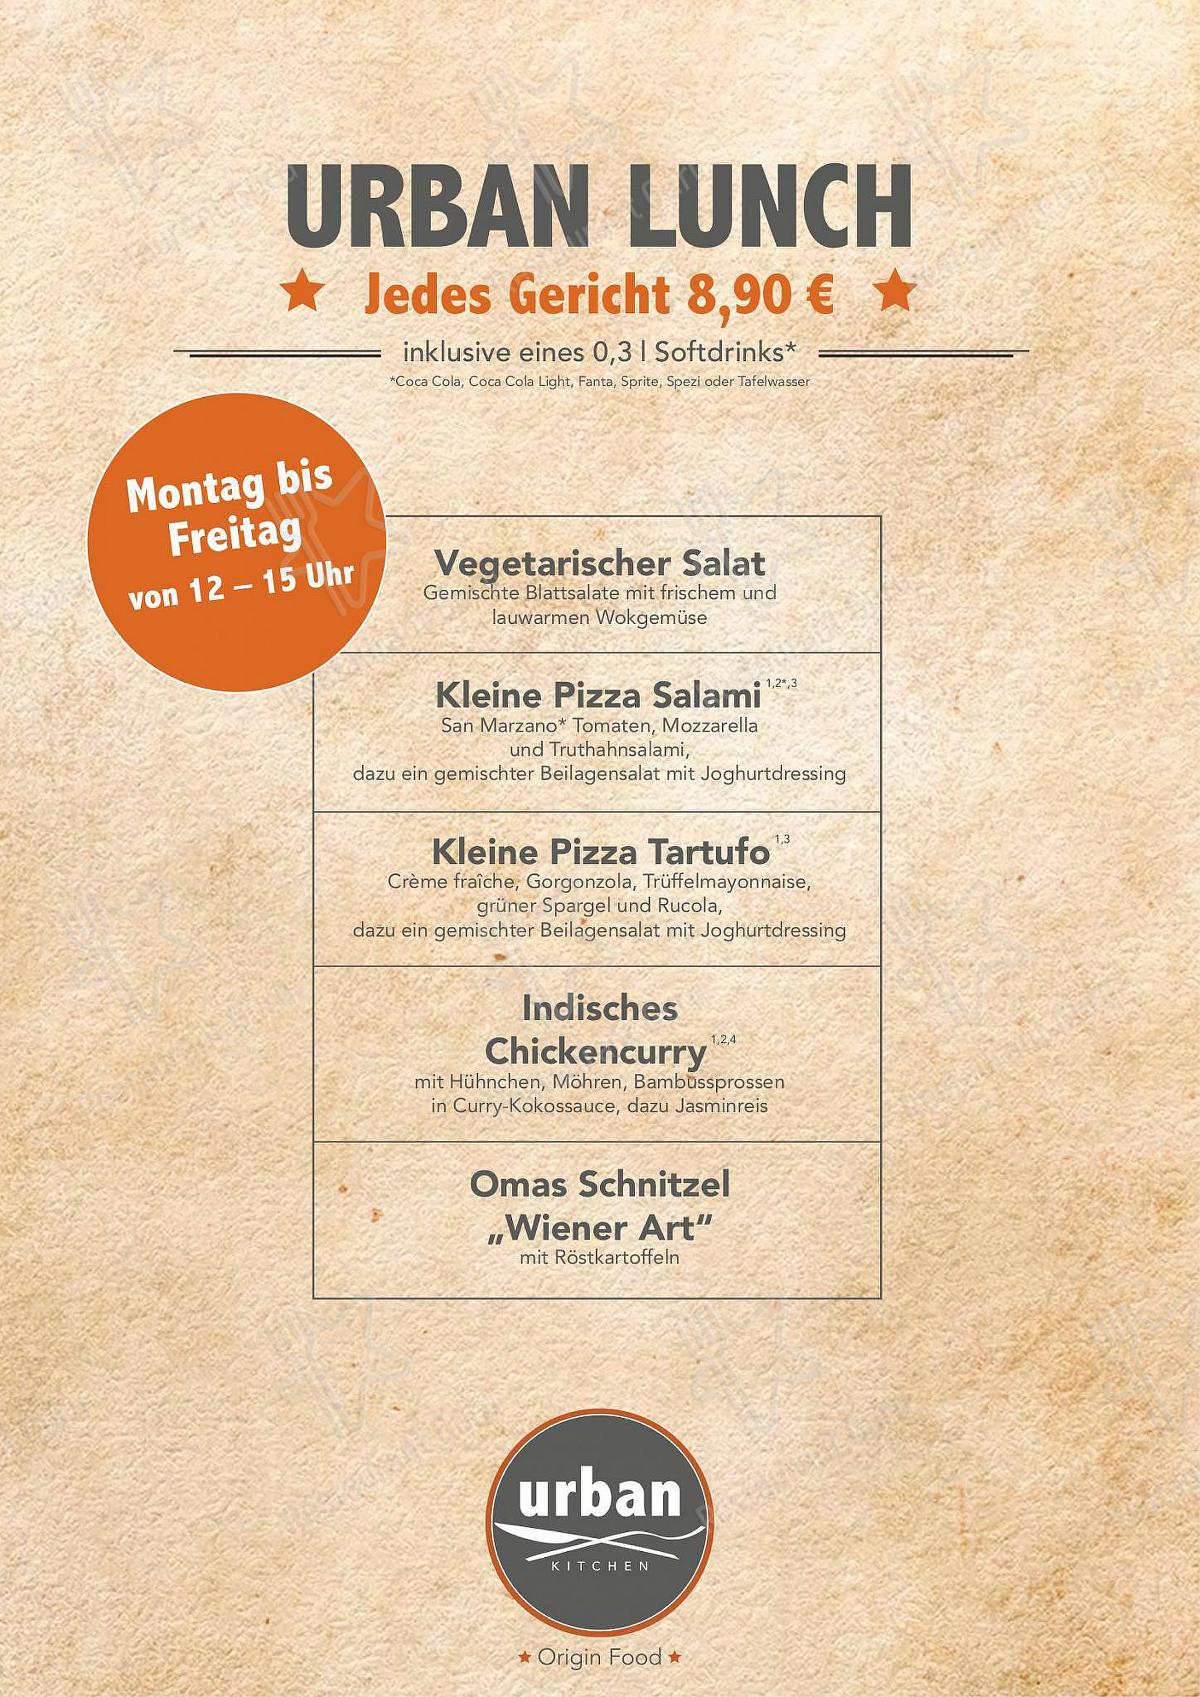 Carta de Urban Kitchen restaurante